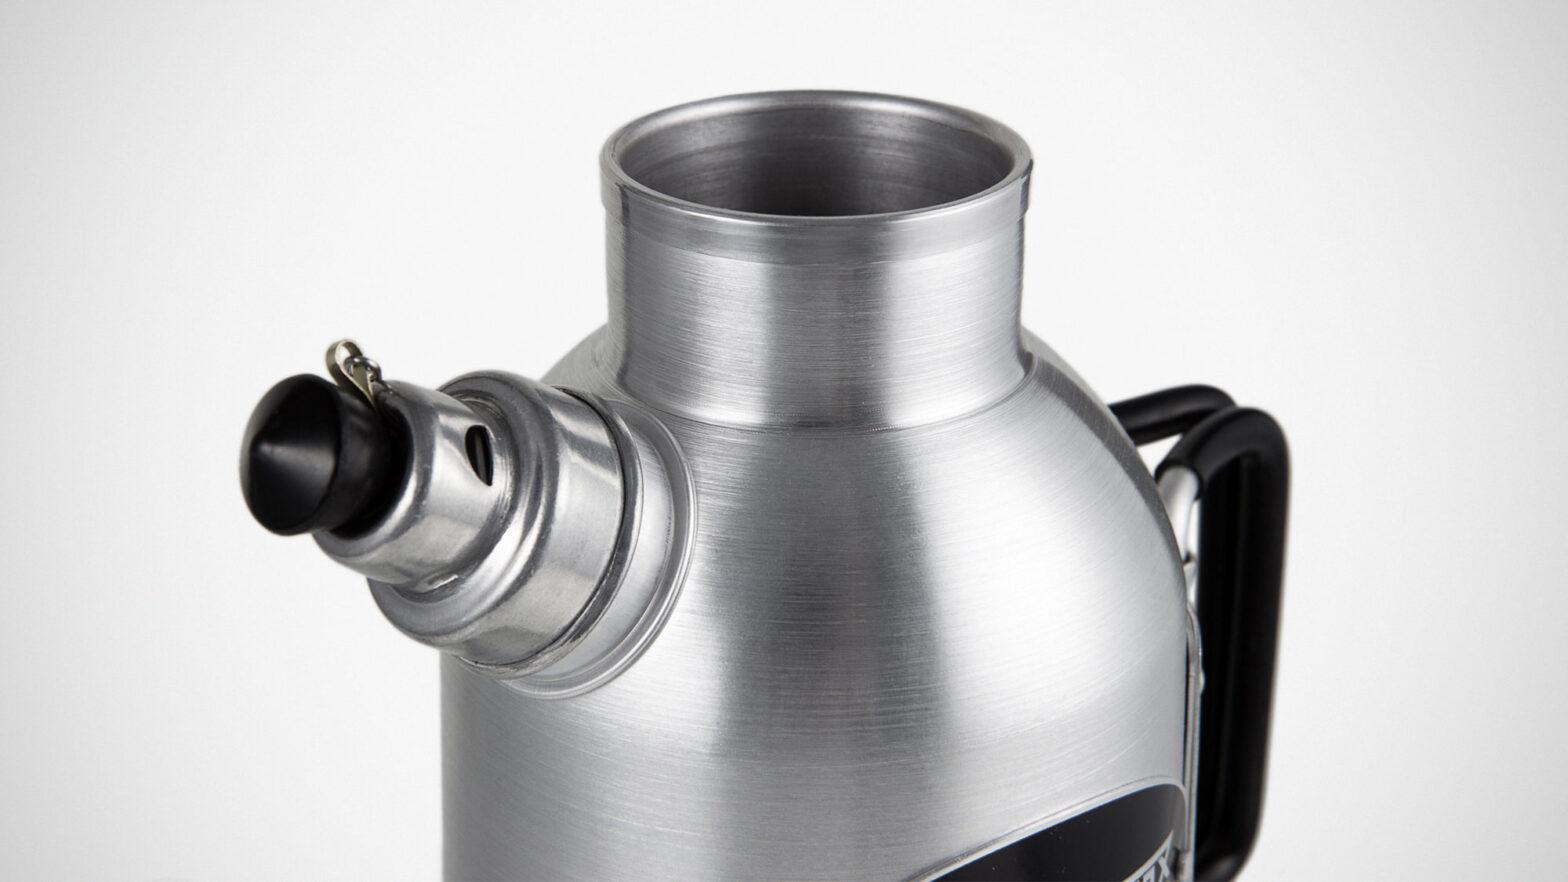 Petromax Double-walled Fire Kettle fk1